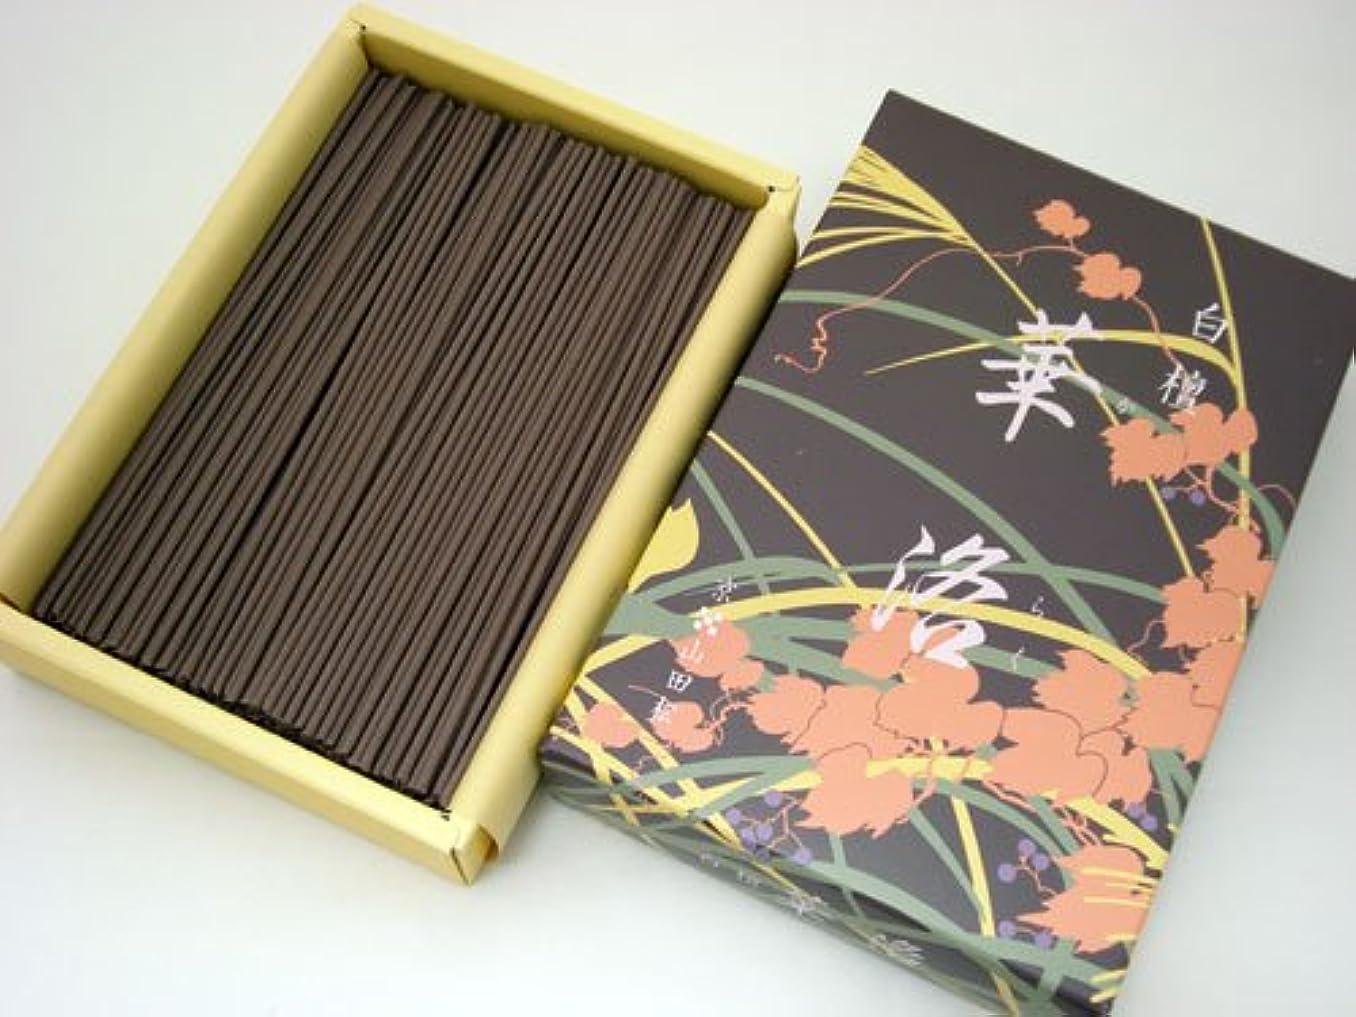 事務所認識社説山田松の線香 【白檀 華洛(からく)】 バラ詰 大箱